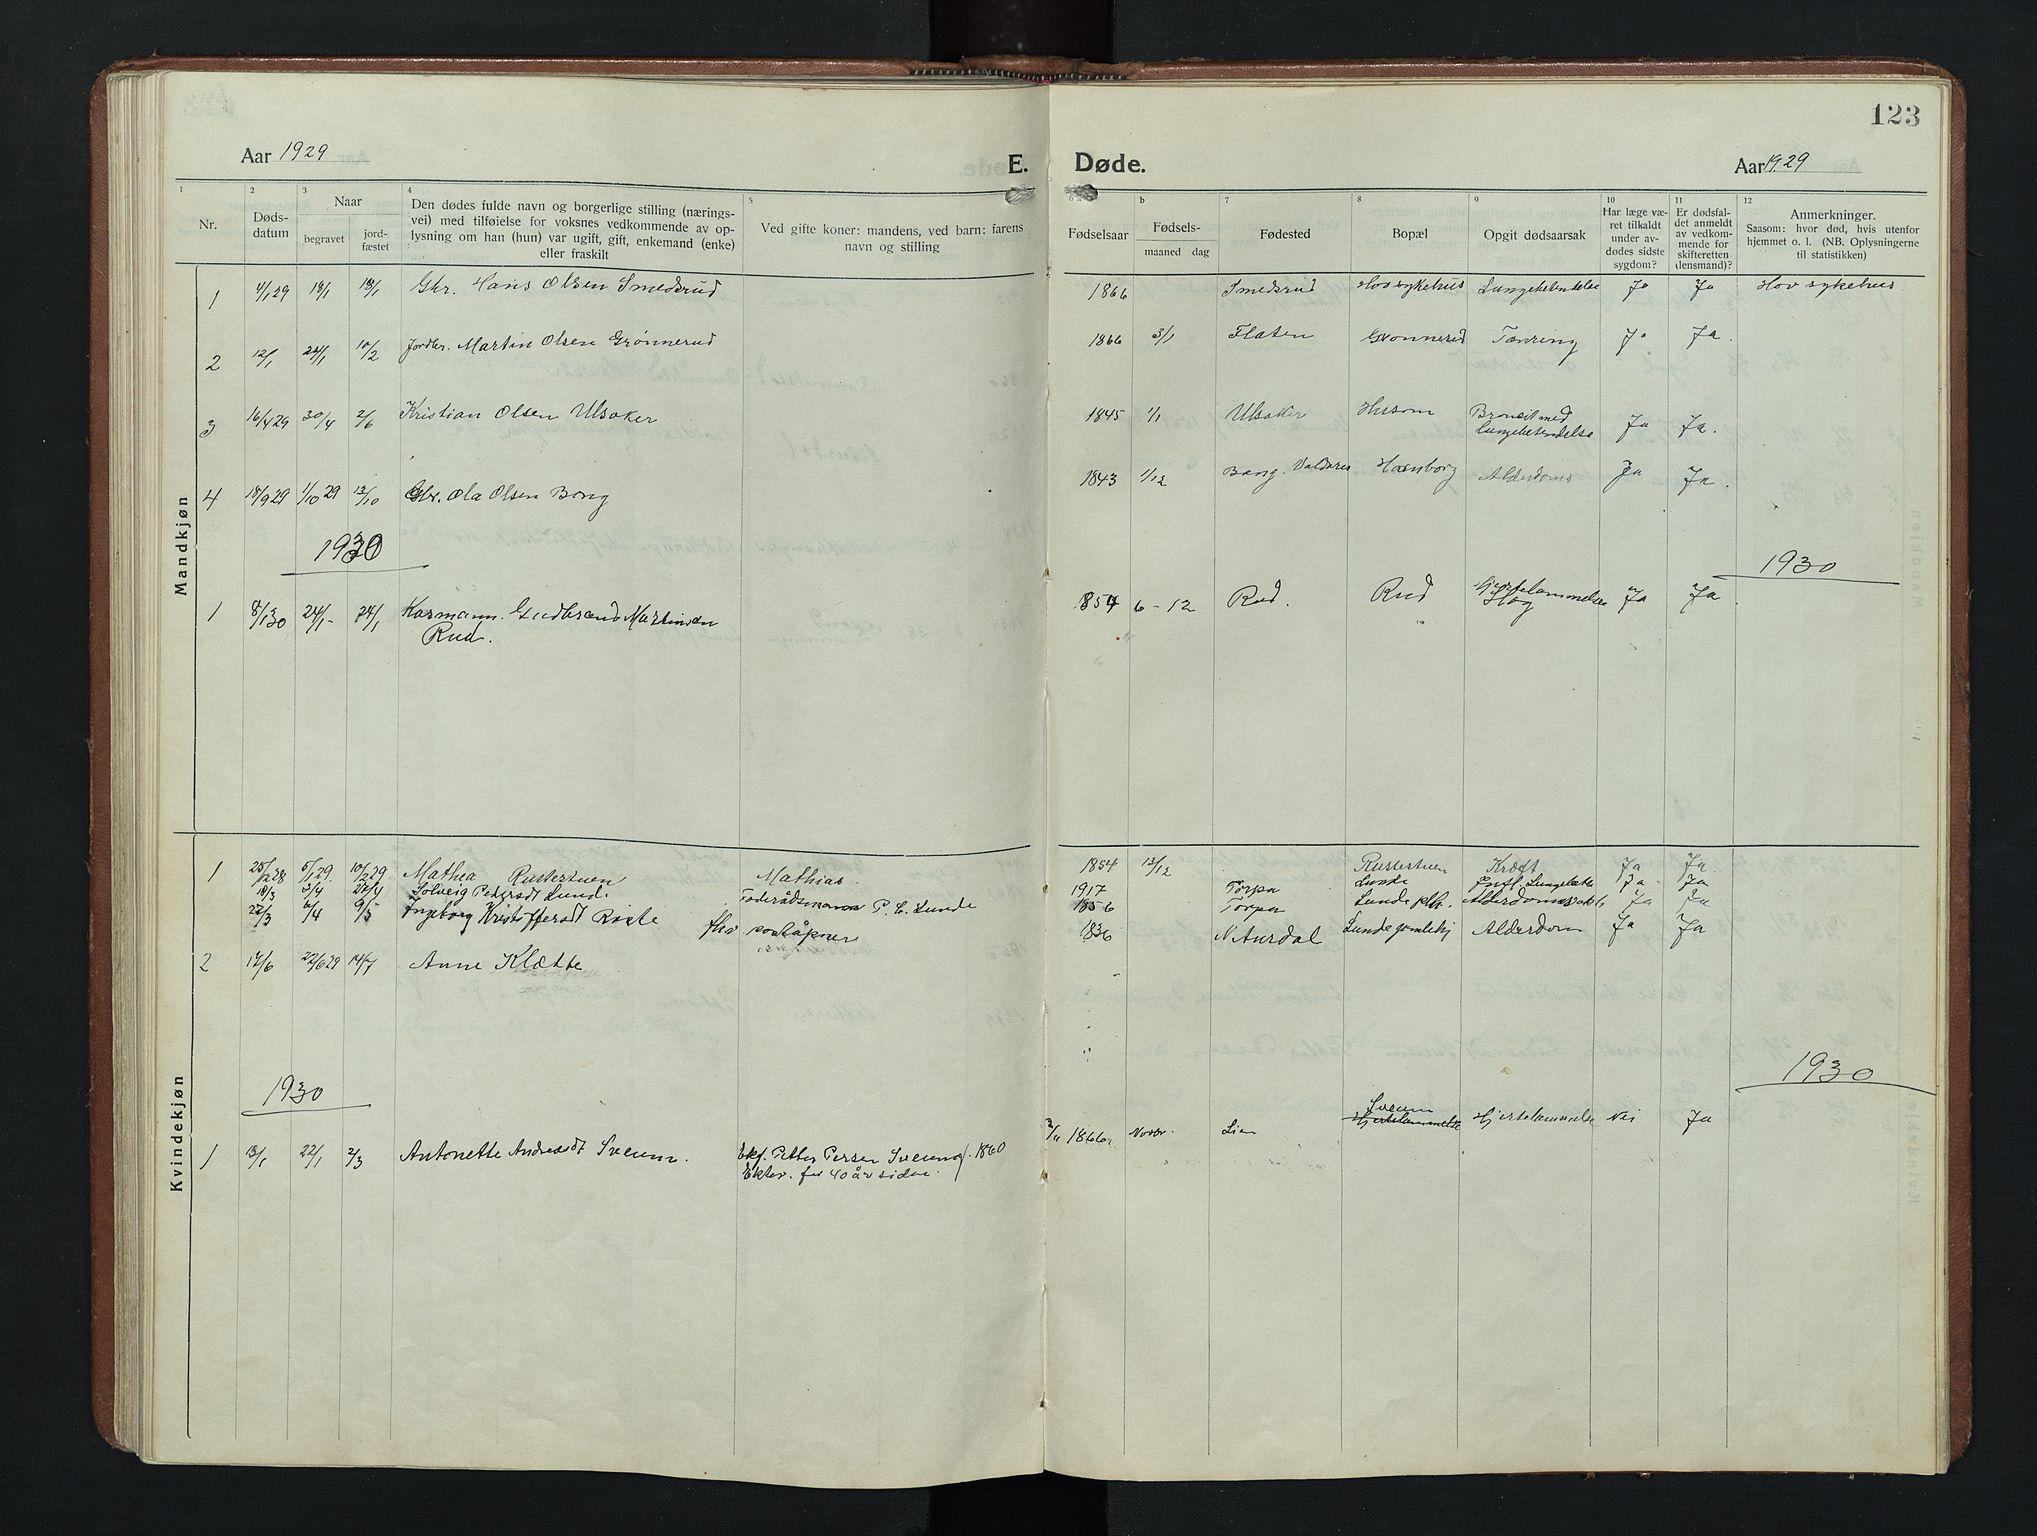 SAH, Nordre Land prestekontor, Klokkerbok nr. 9, 1921-1956, s. 123